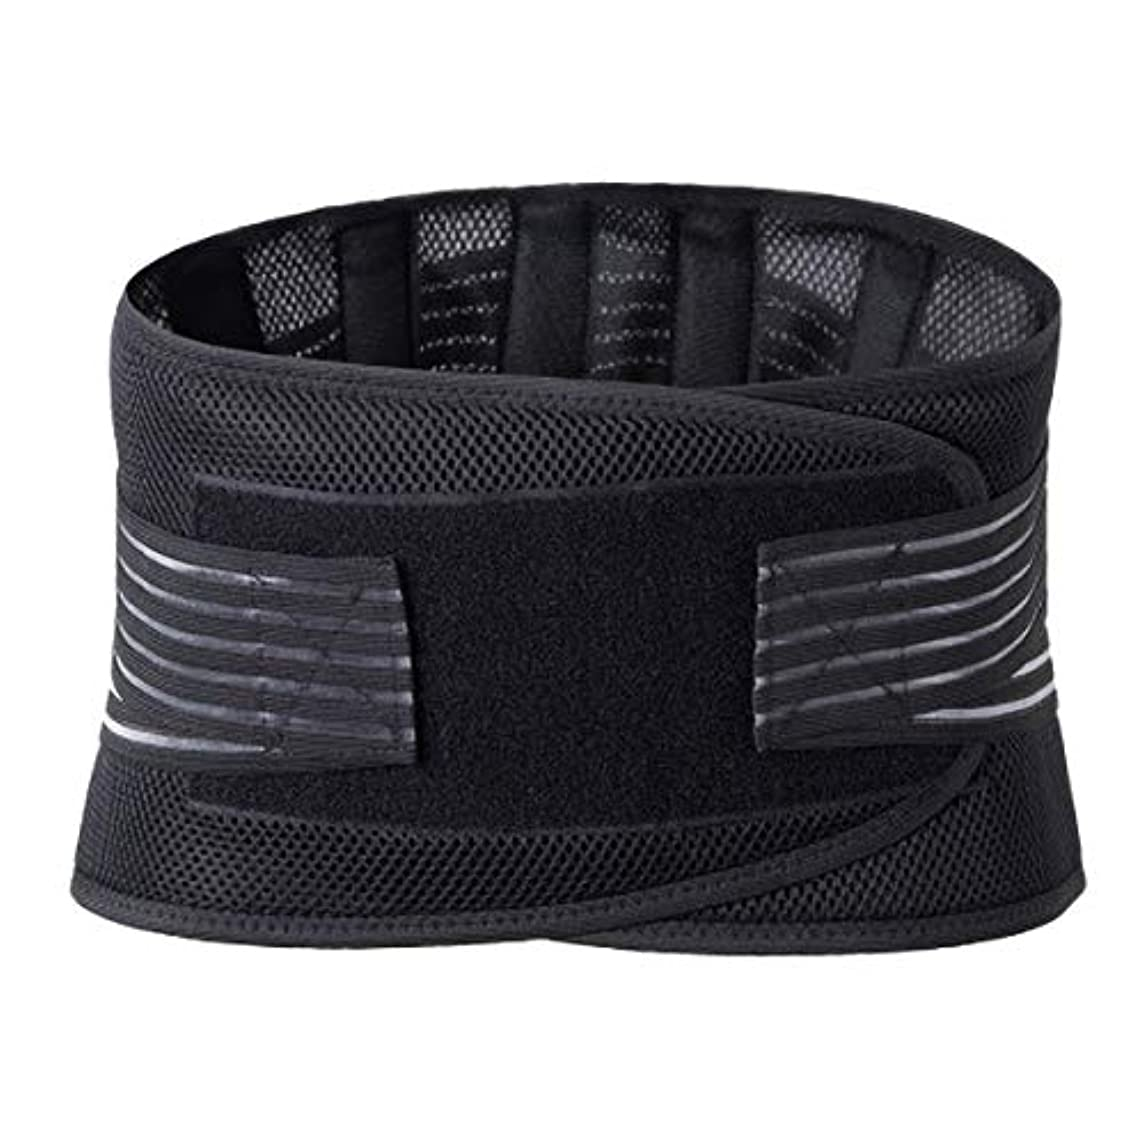 知り合いになる一貫性のない意識的ランバーウエストサポートバックブレースベルトウエストサポートブレースフィットネススポーツ保護姿勢コレクター再構築 - ブラック